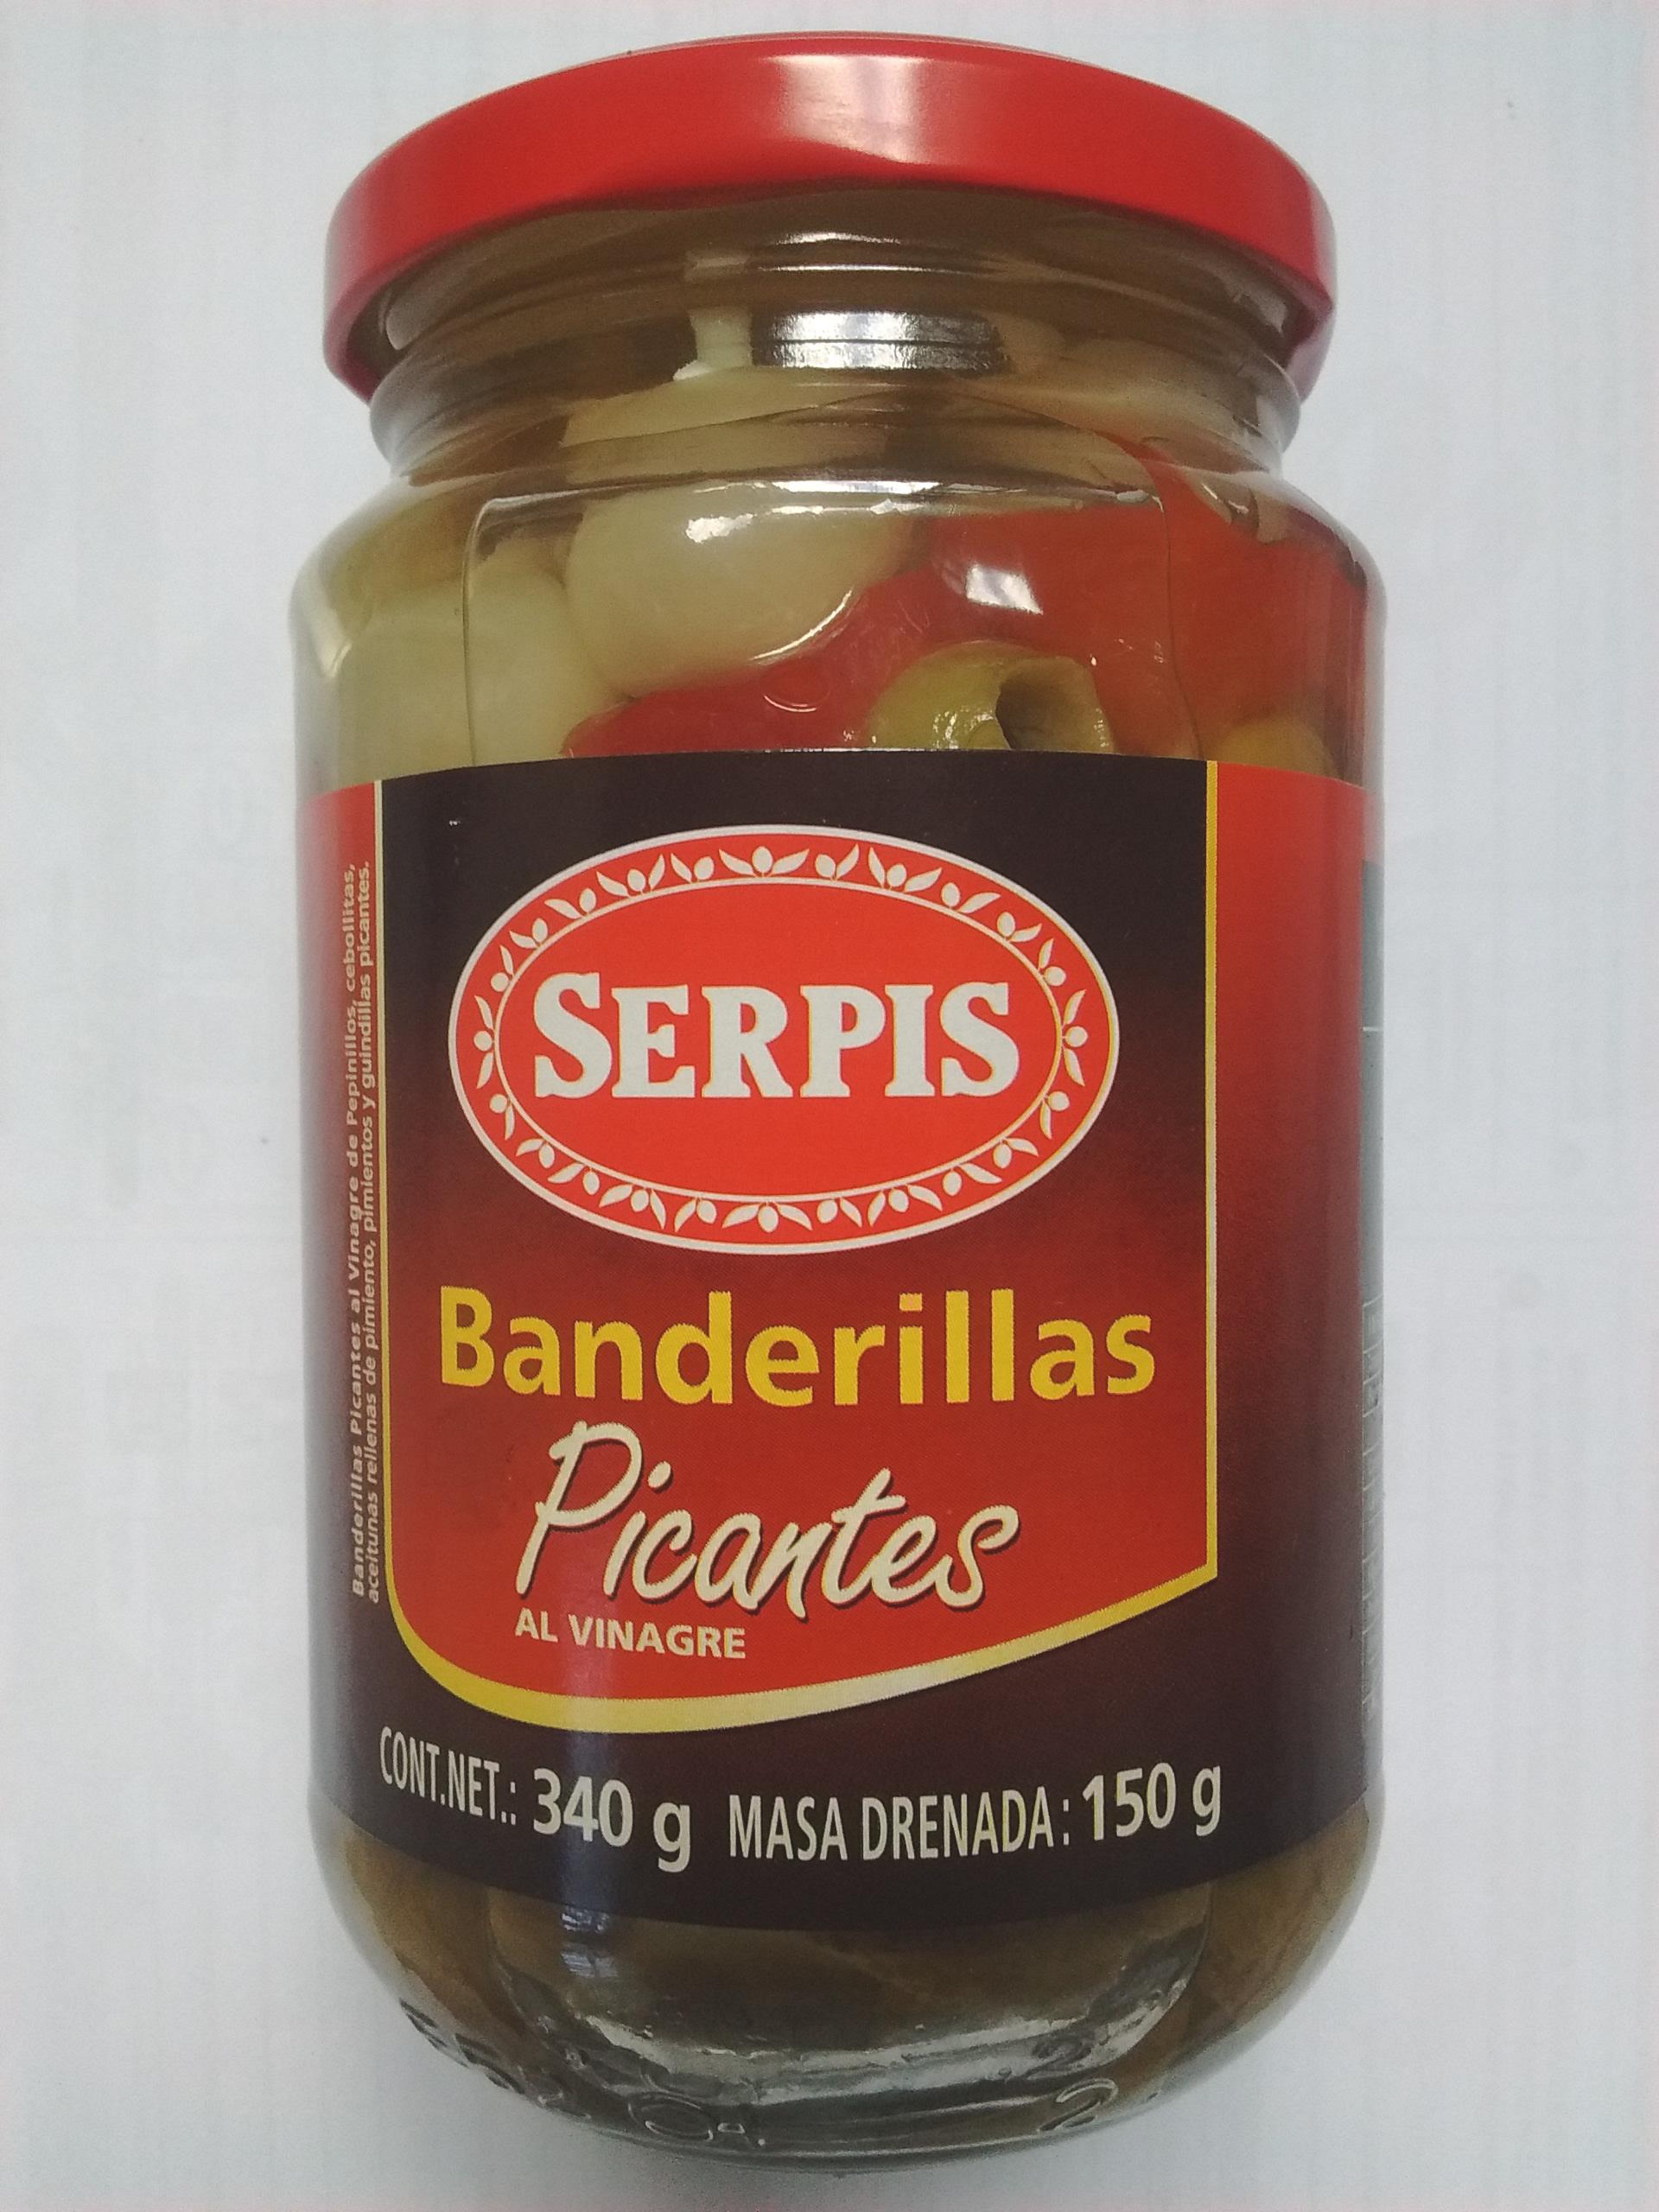 Walmart Toltecas: Banderillas Picantes Serpis ( Pepinillos ) y Otros